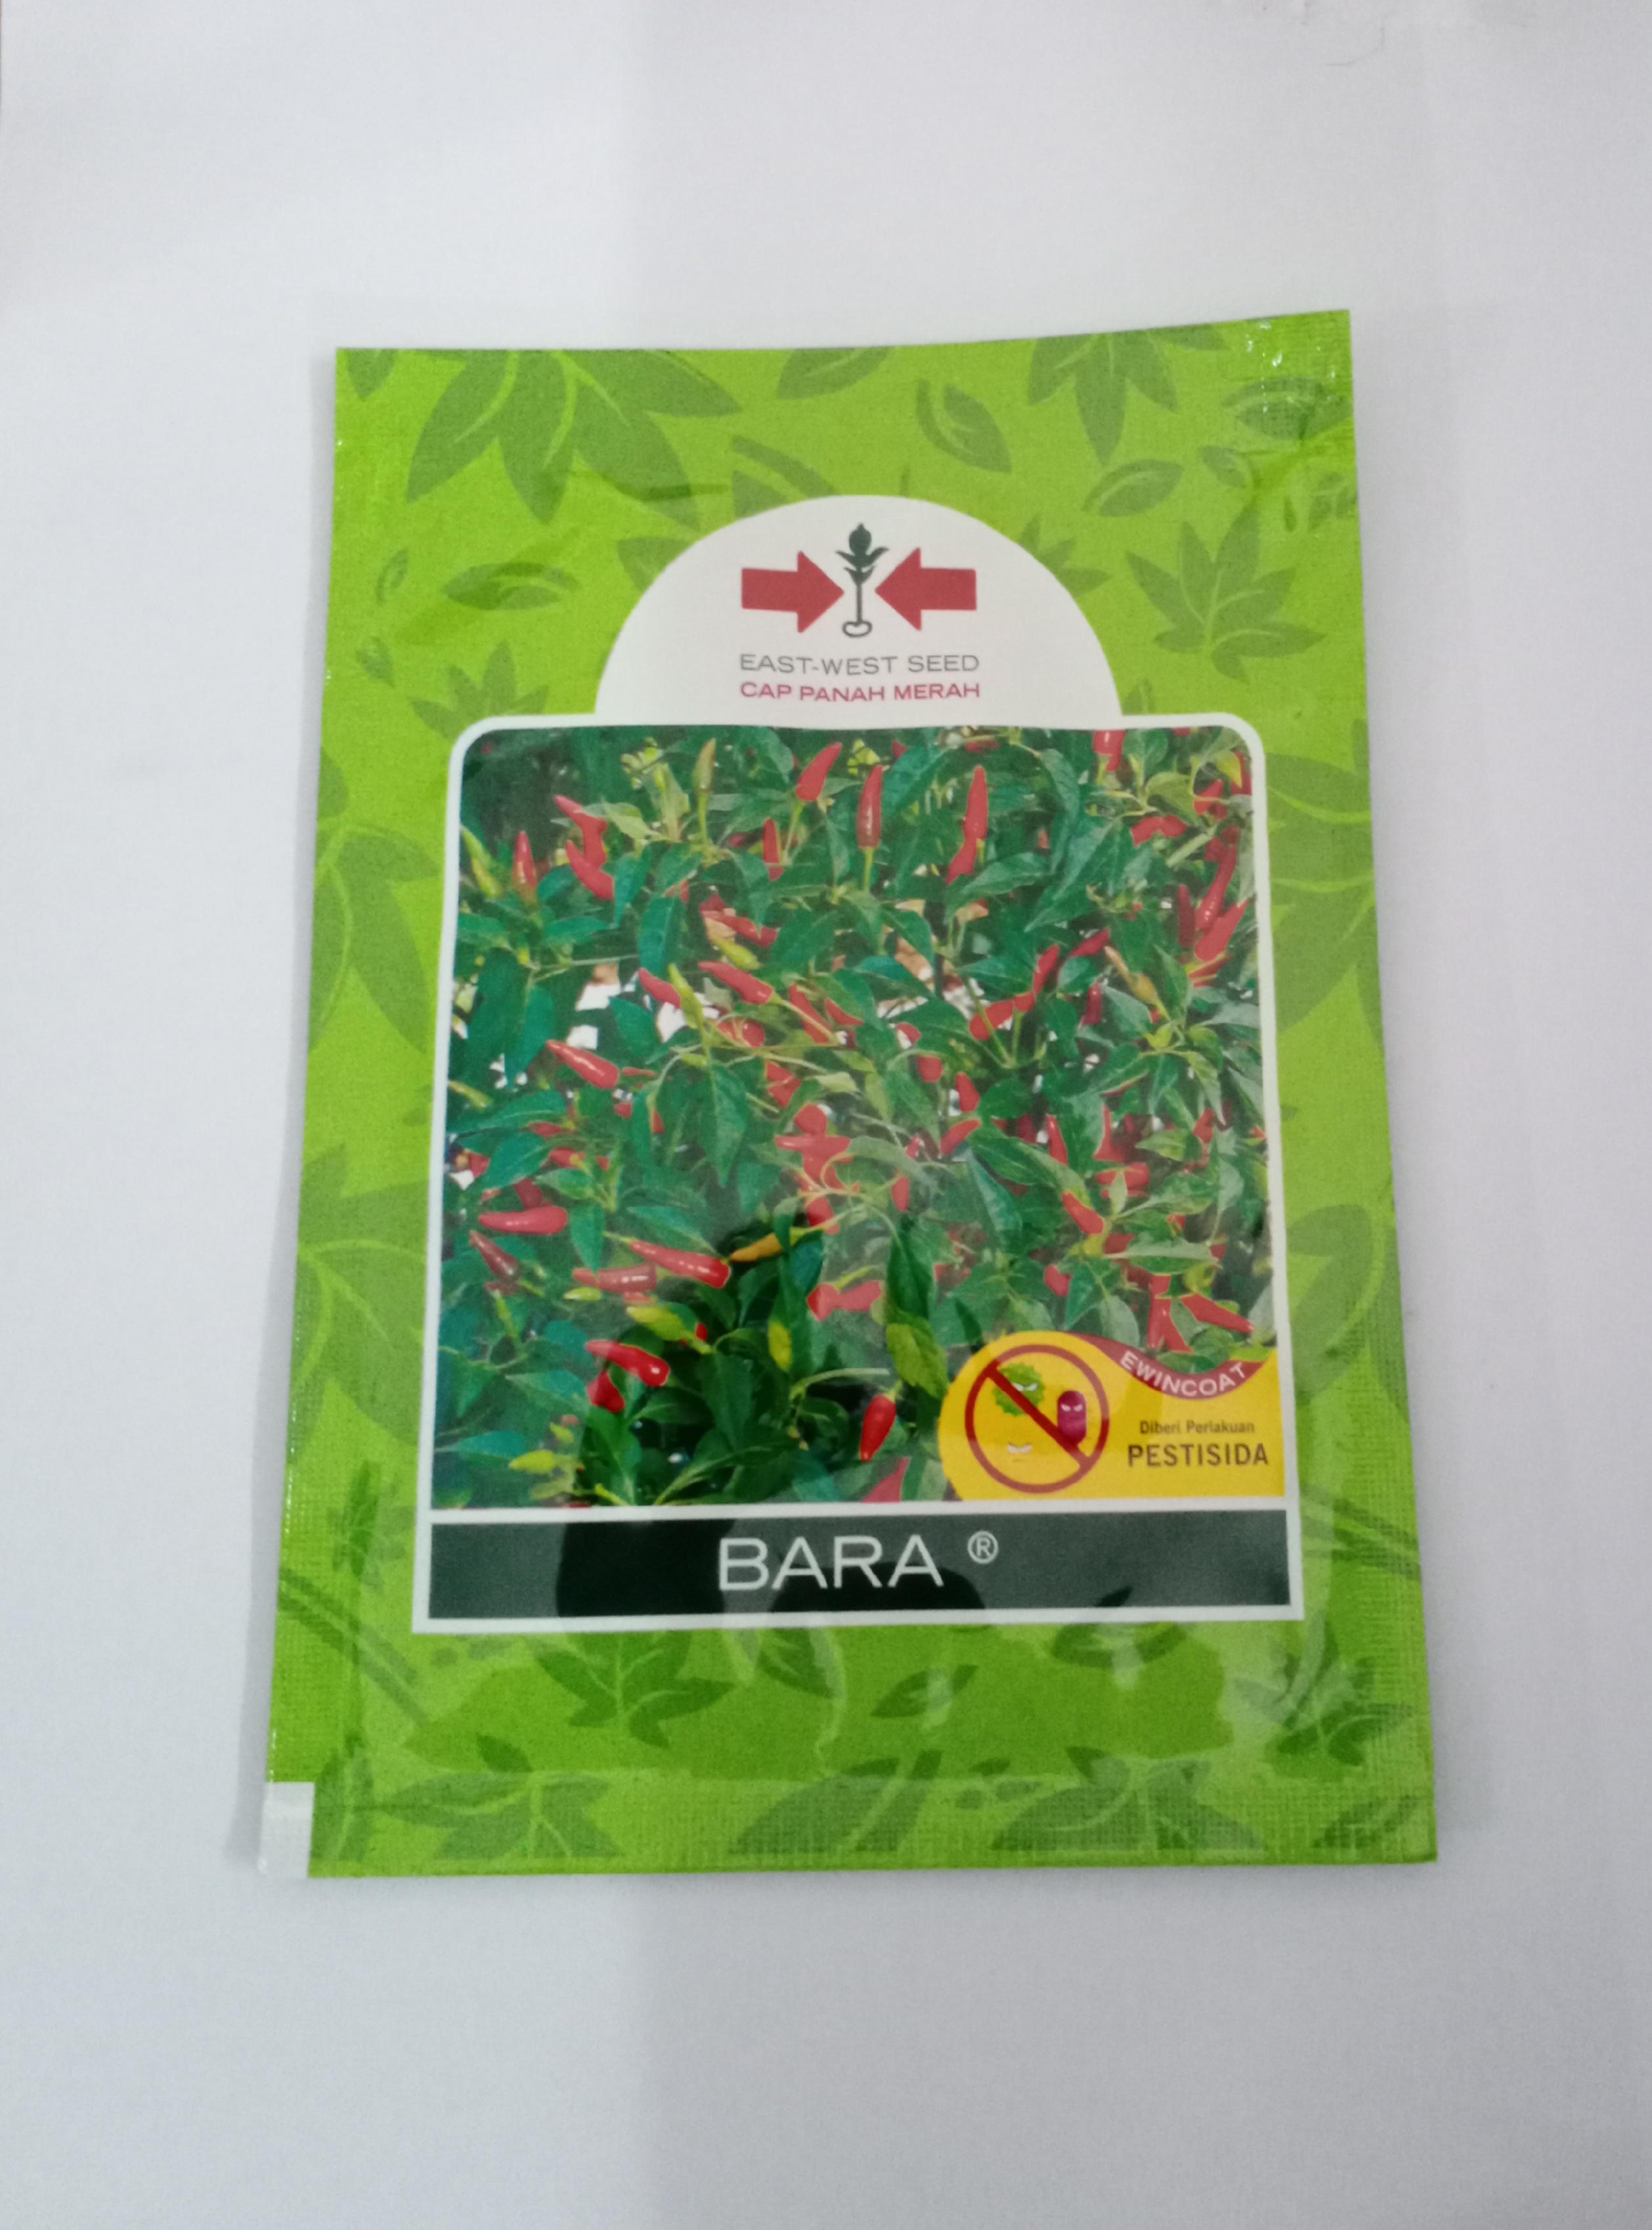 Benih Cili Bara - RM35.00